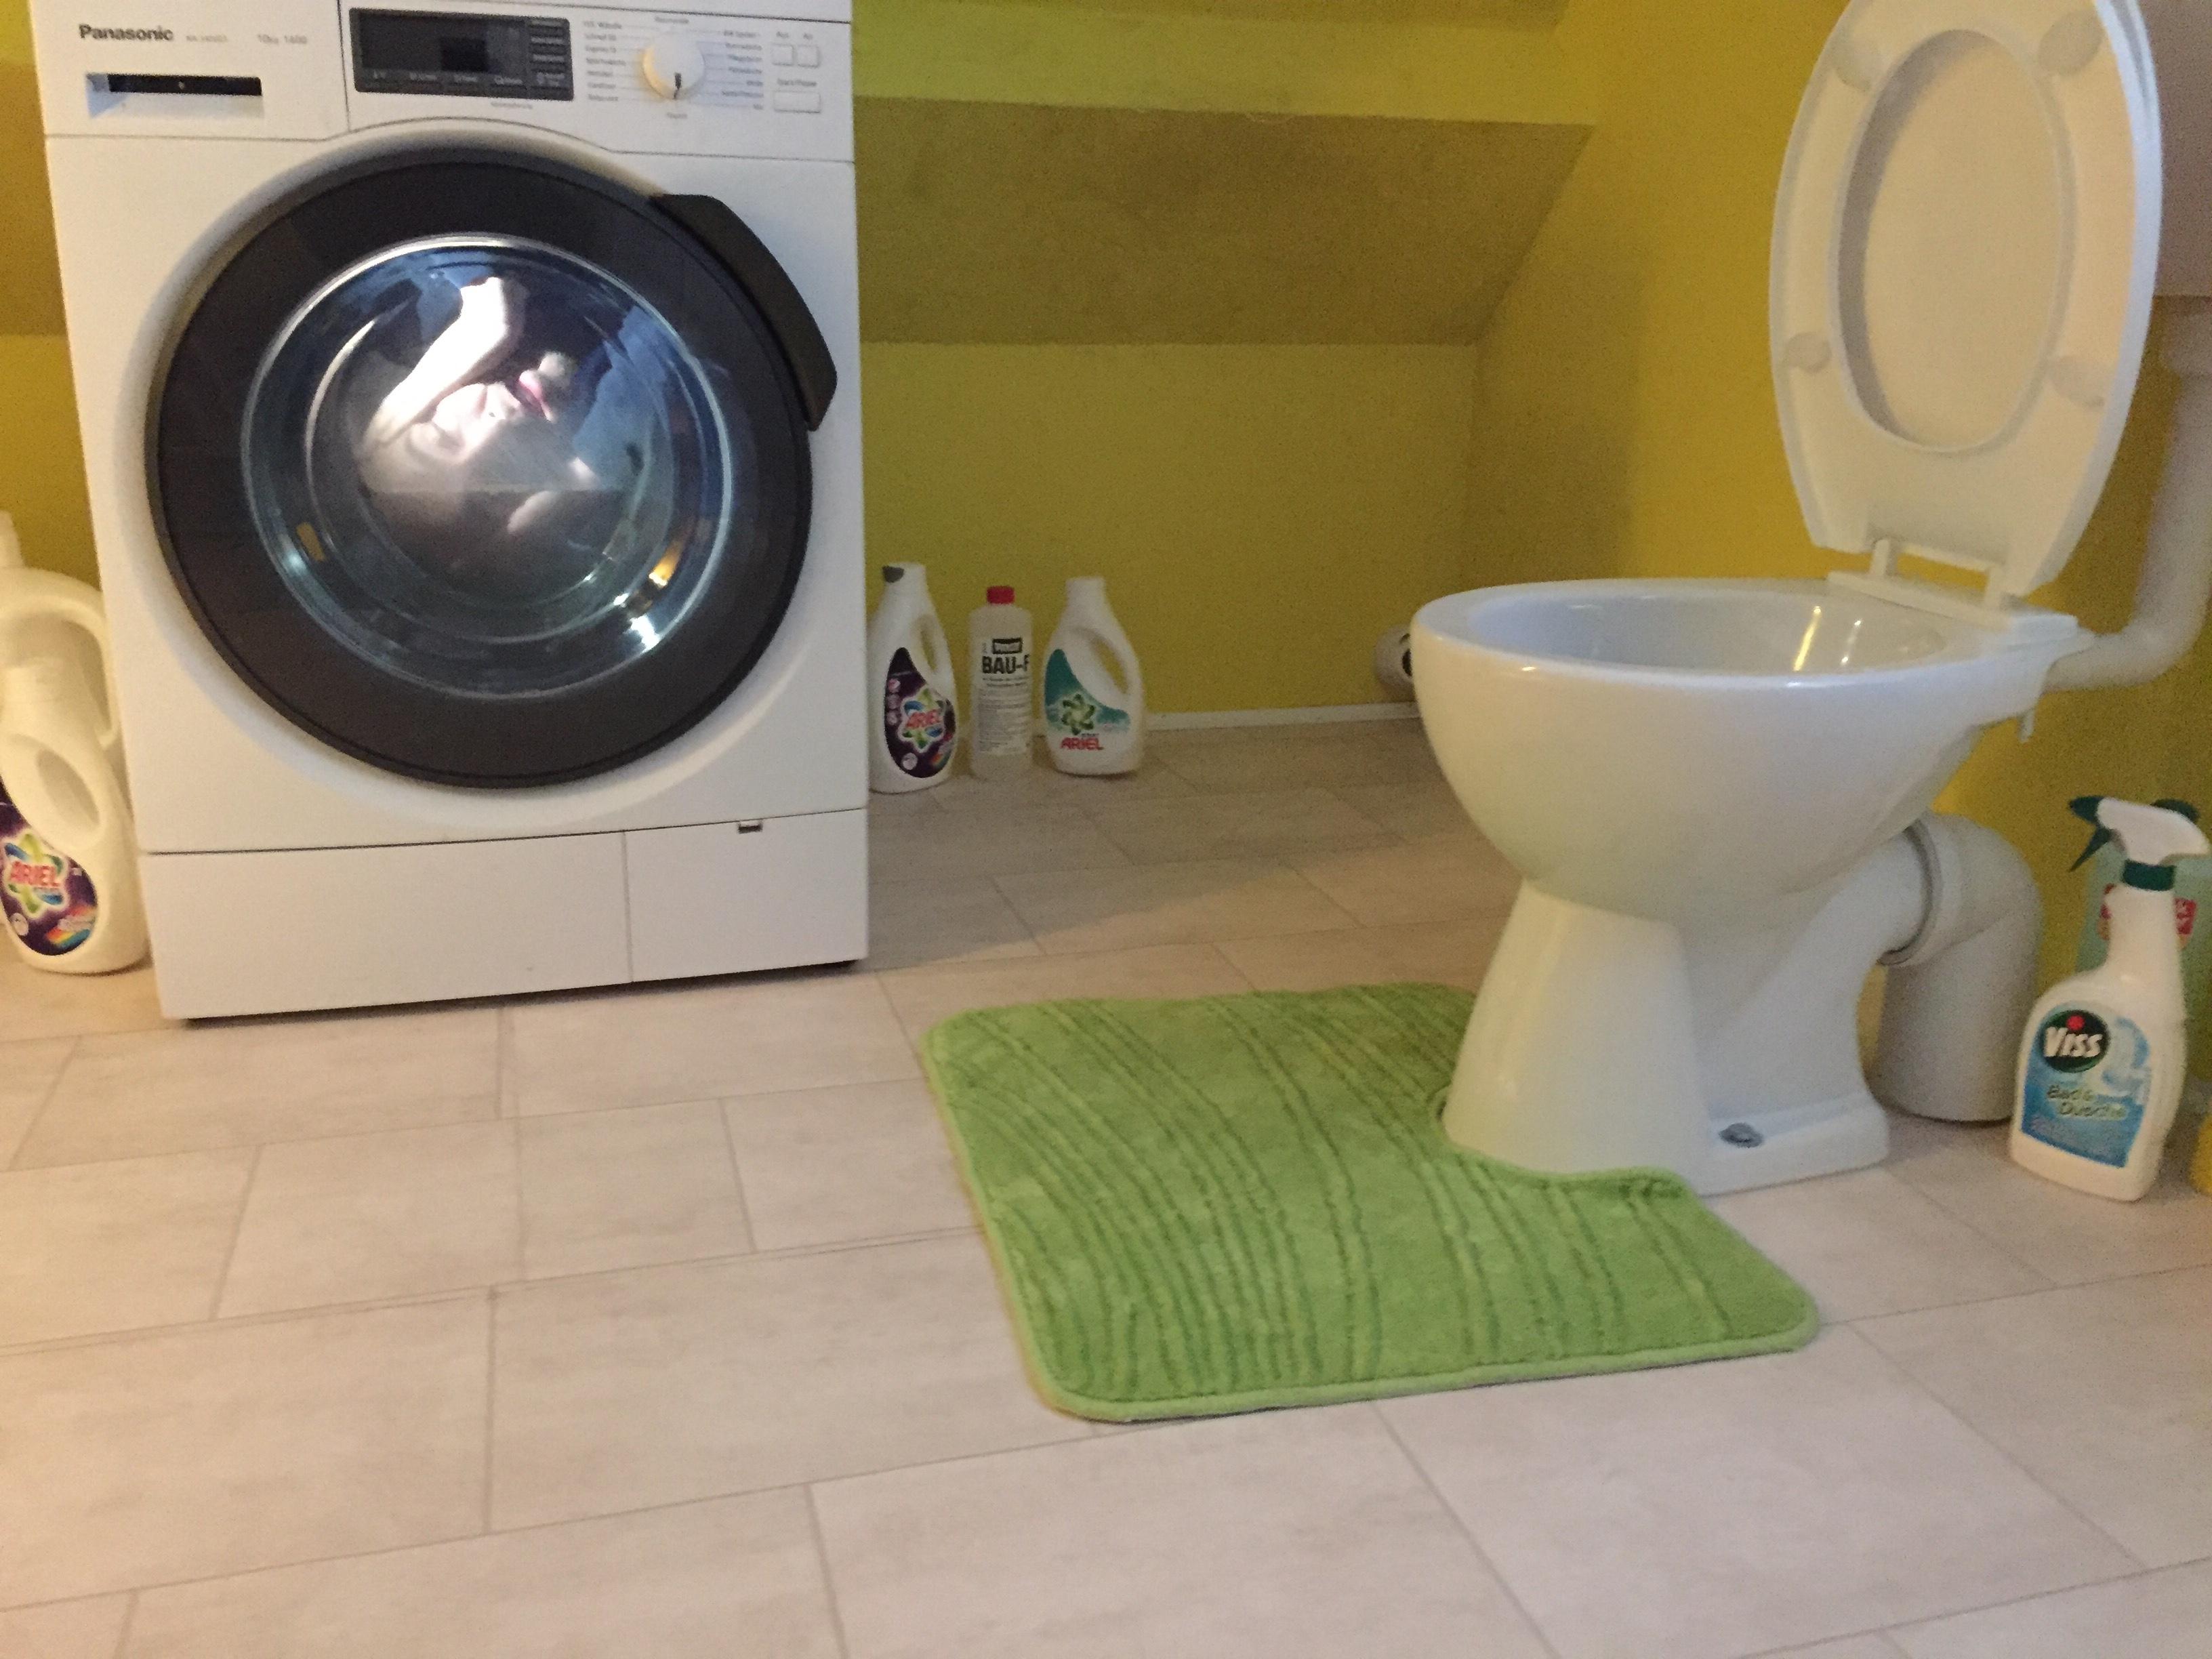 das-verrueckte-haus-waschmaschine